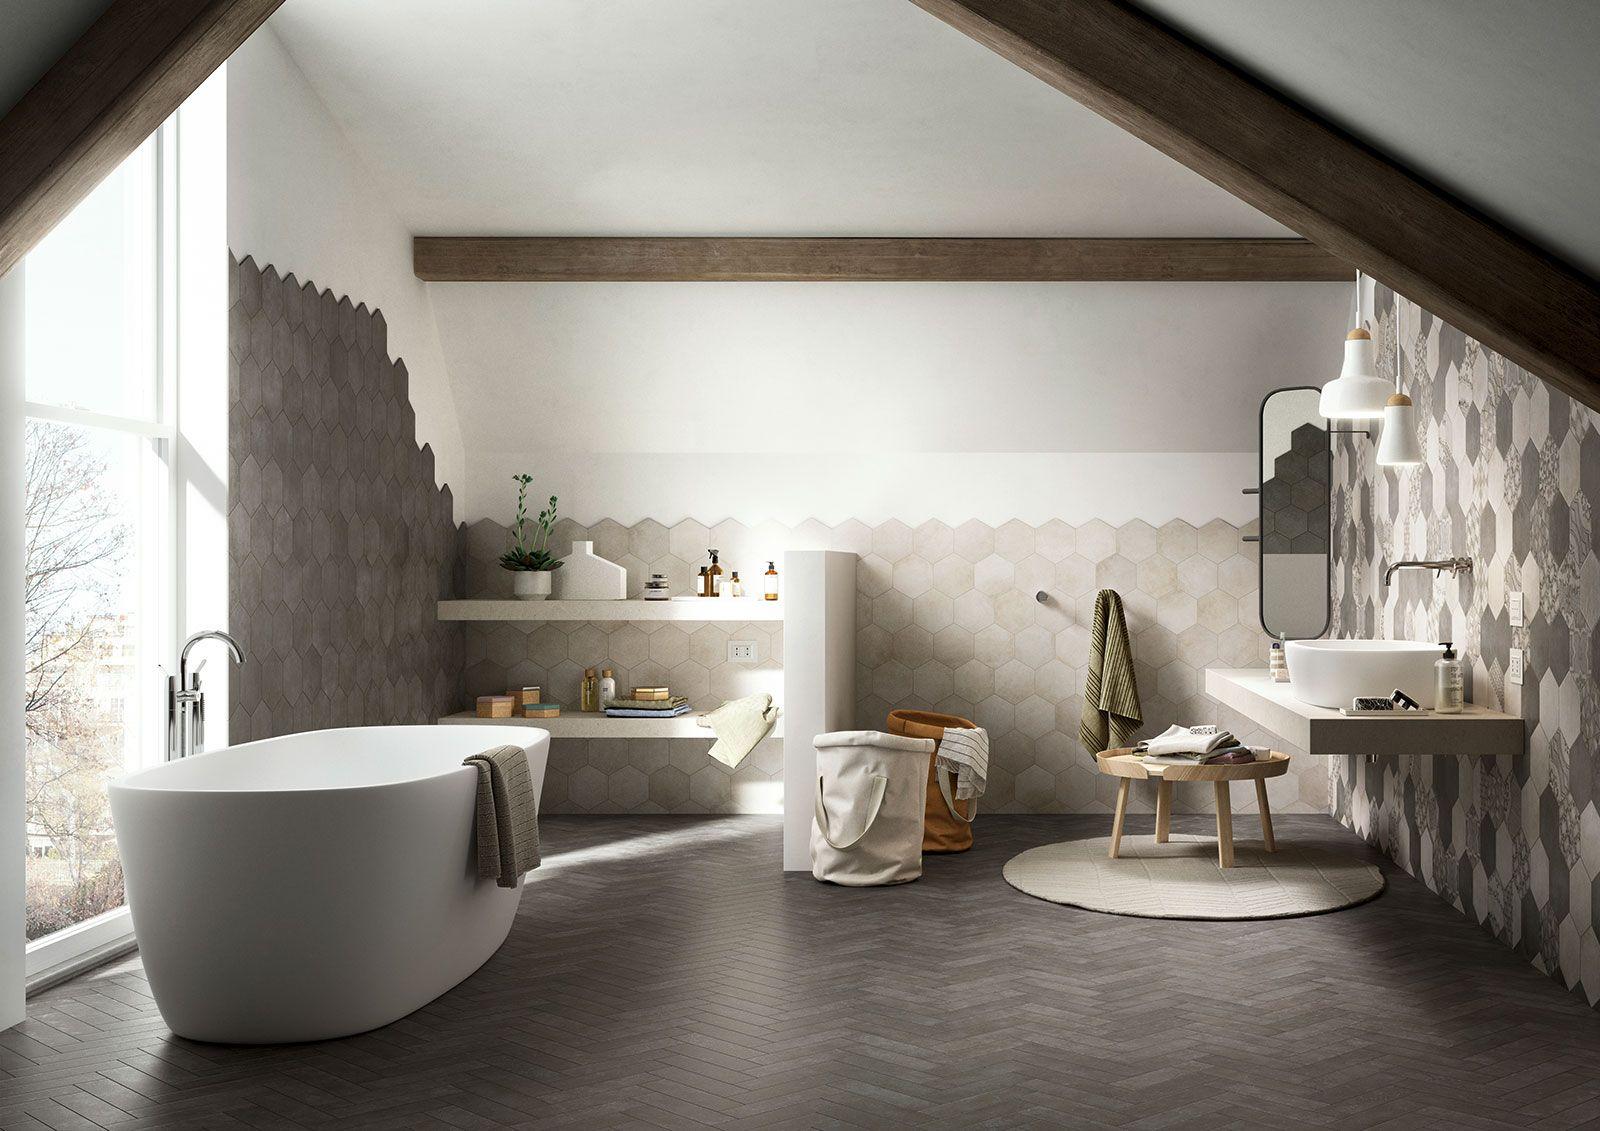 clays - gres porcellanato per pavimenti effetto cotto cemento ... - Bagni Moderni Marazzi